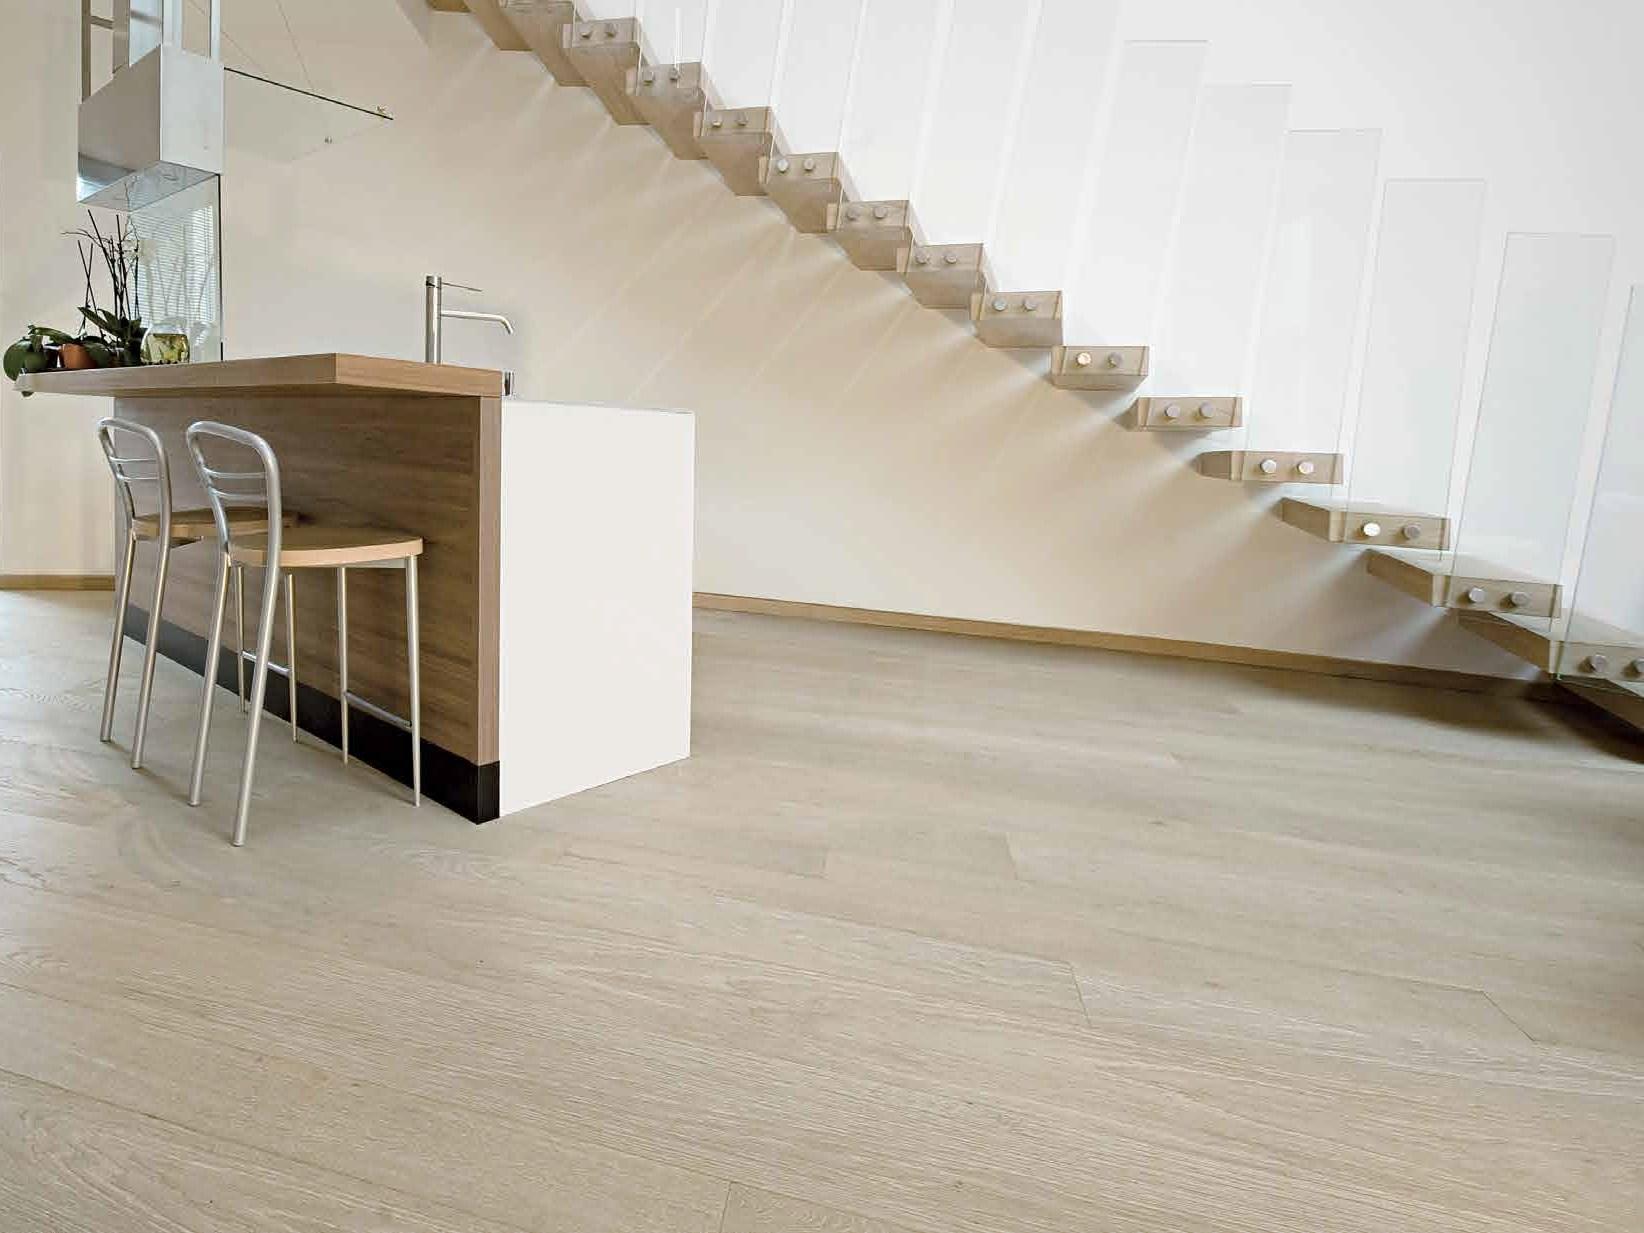 Pavimenti in legno parquet Garbellotto | MaffeiSistemi vendita online